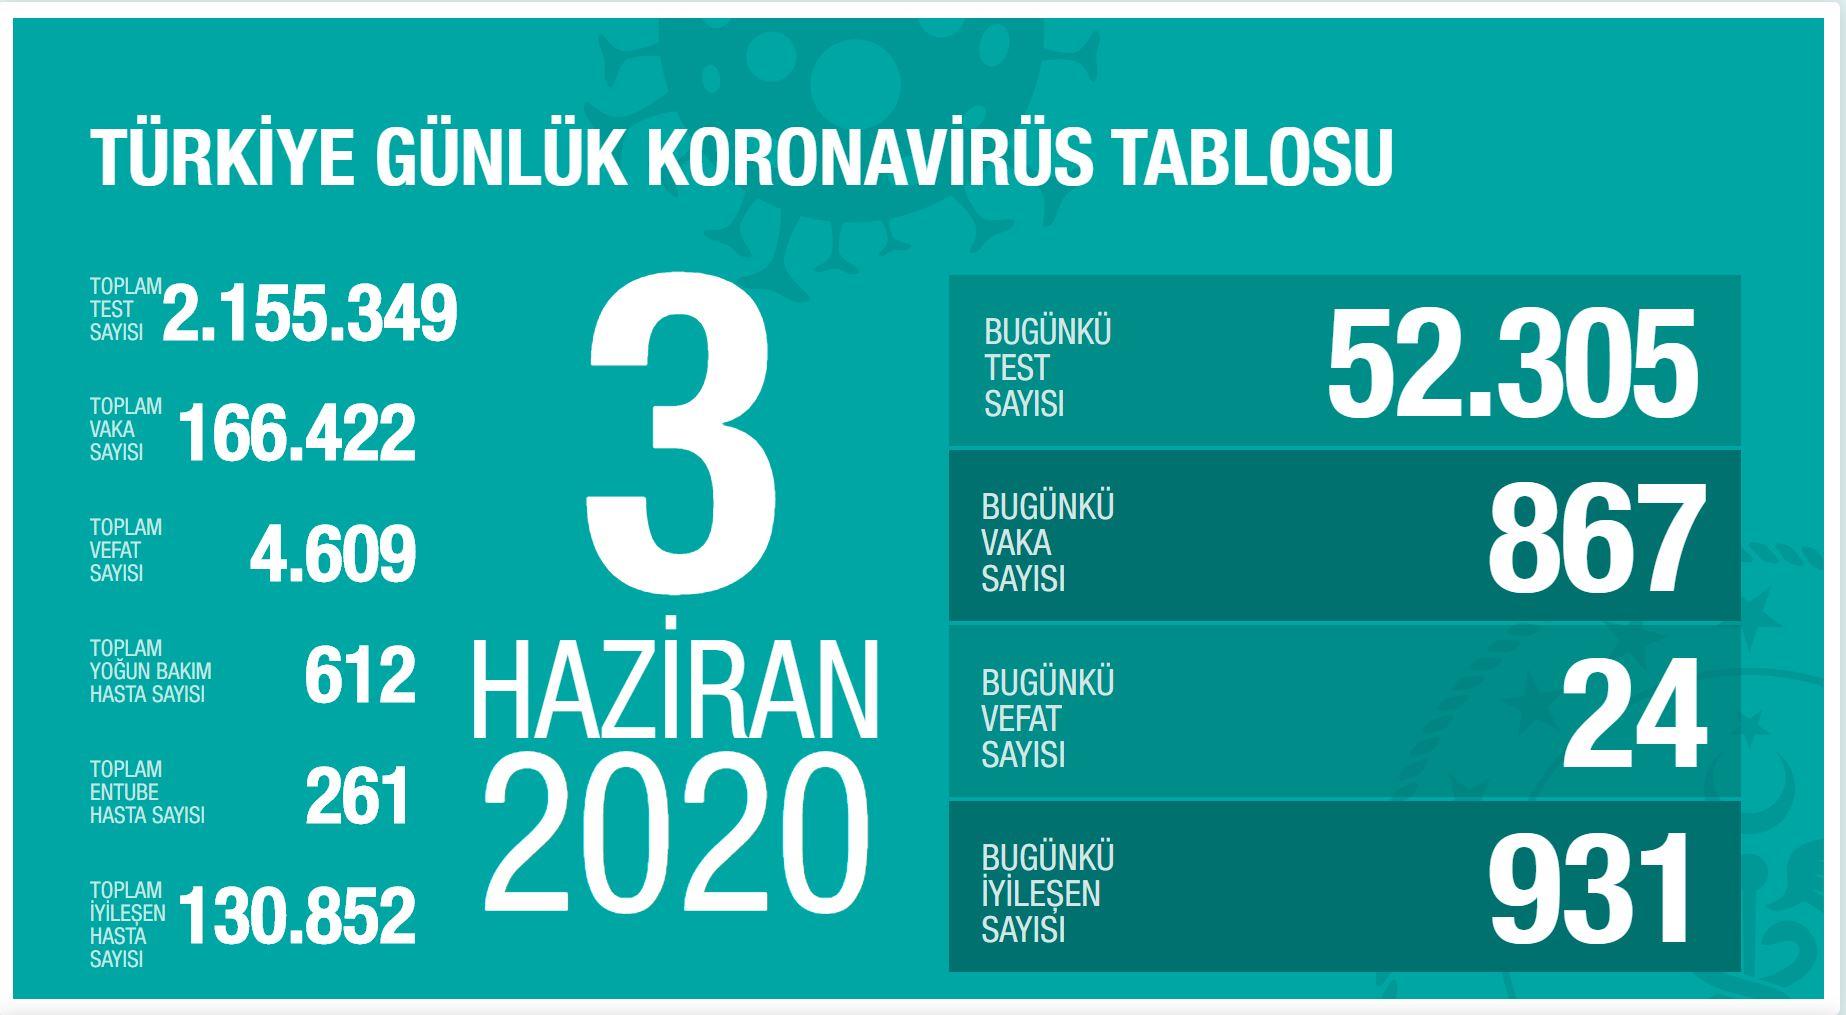 coronavirüs güncel vaka sayısı türkiye. covid-19 türkiye son durum. koronavirüs türkiyede ne zaman biter? https://huglero.com